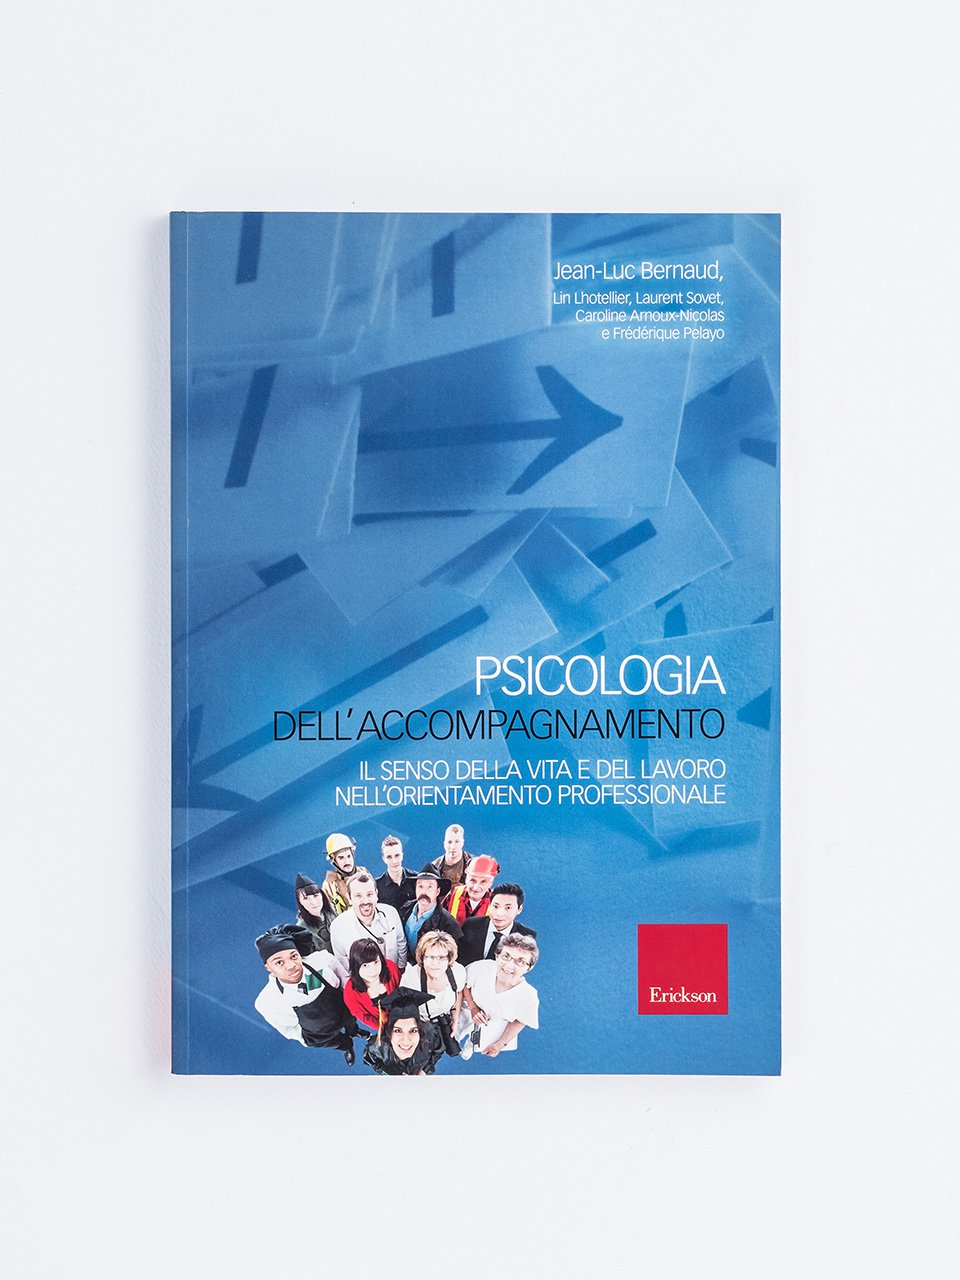 Psicologia dell'accompagnamento - Disabilità adulta - corso ECM - Formazione - Erickson